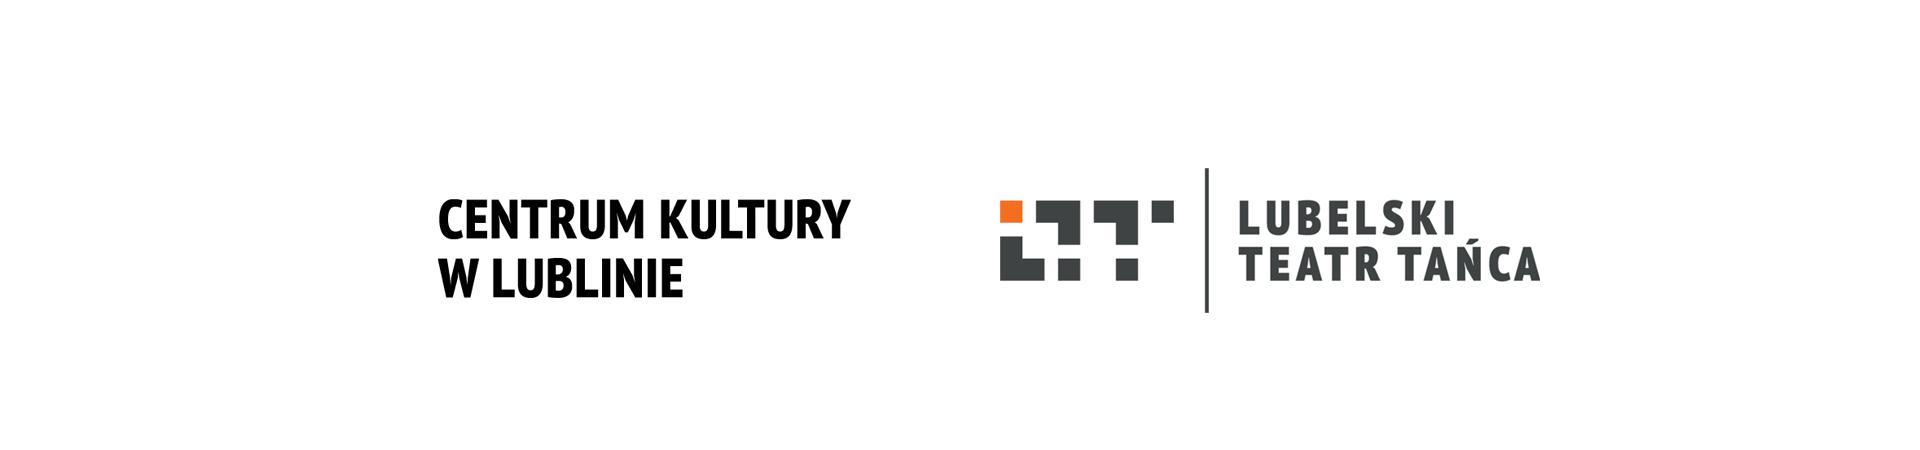 If-Then-Logos2